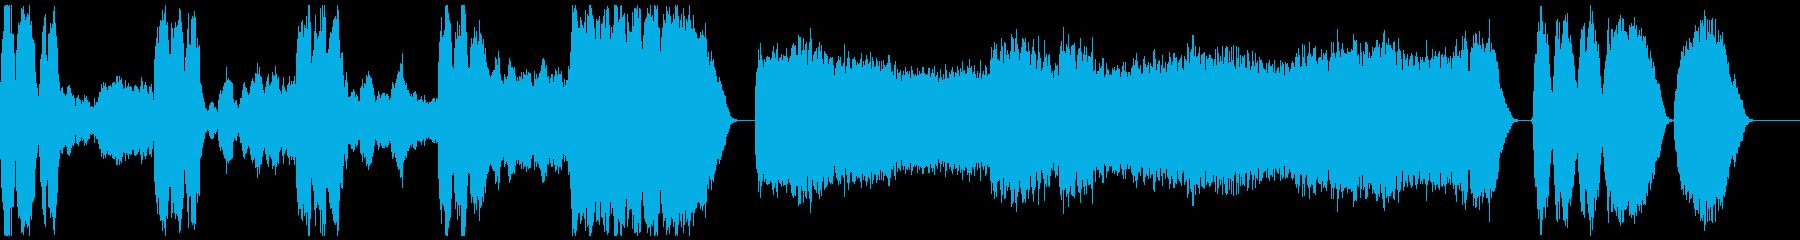 RV580_2『ラルゴ』ヴィヴァルディの再生済みの波形